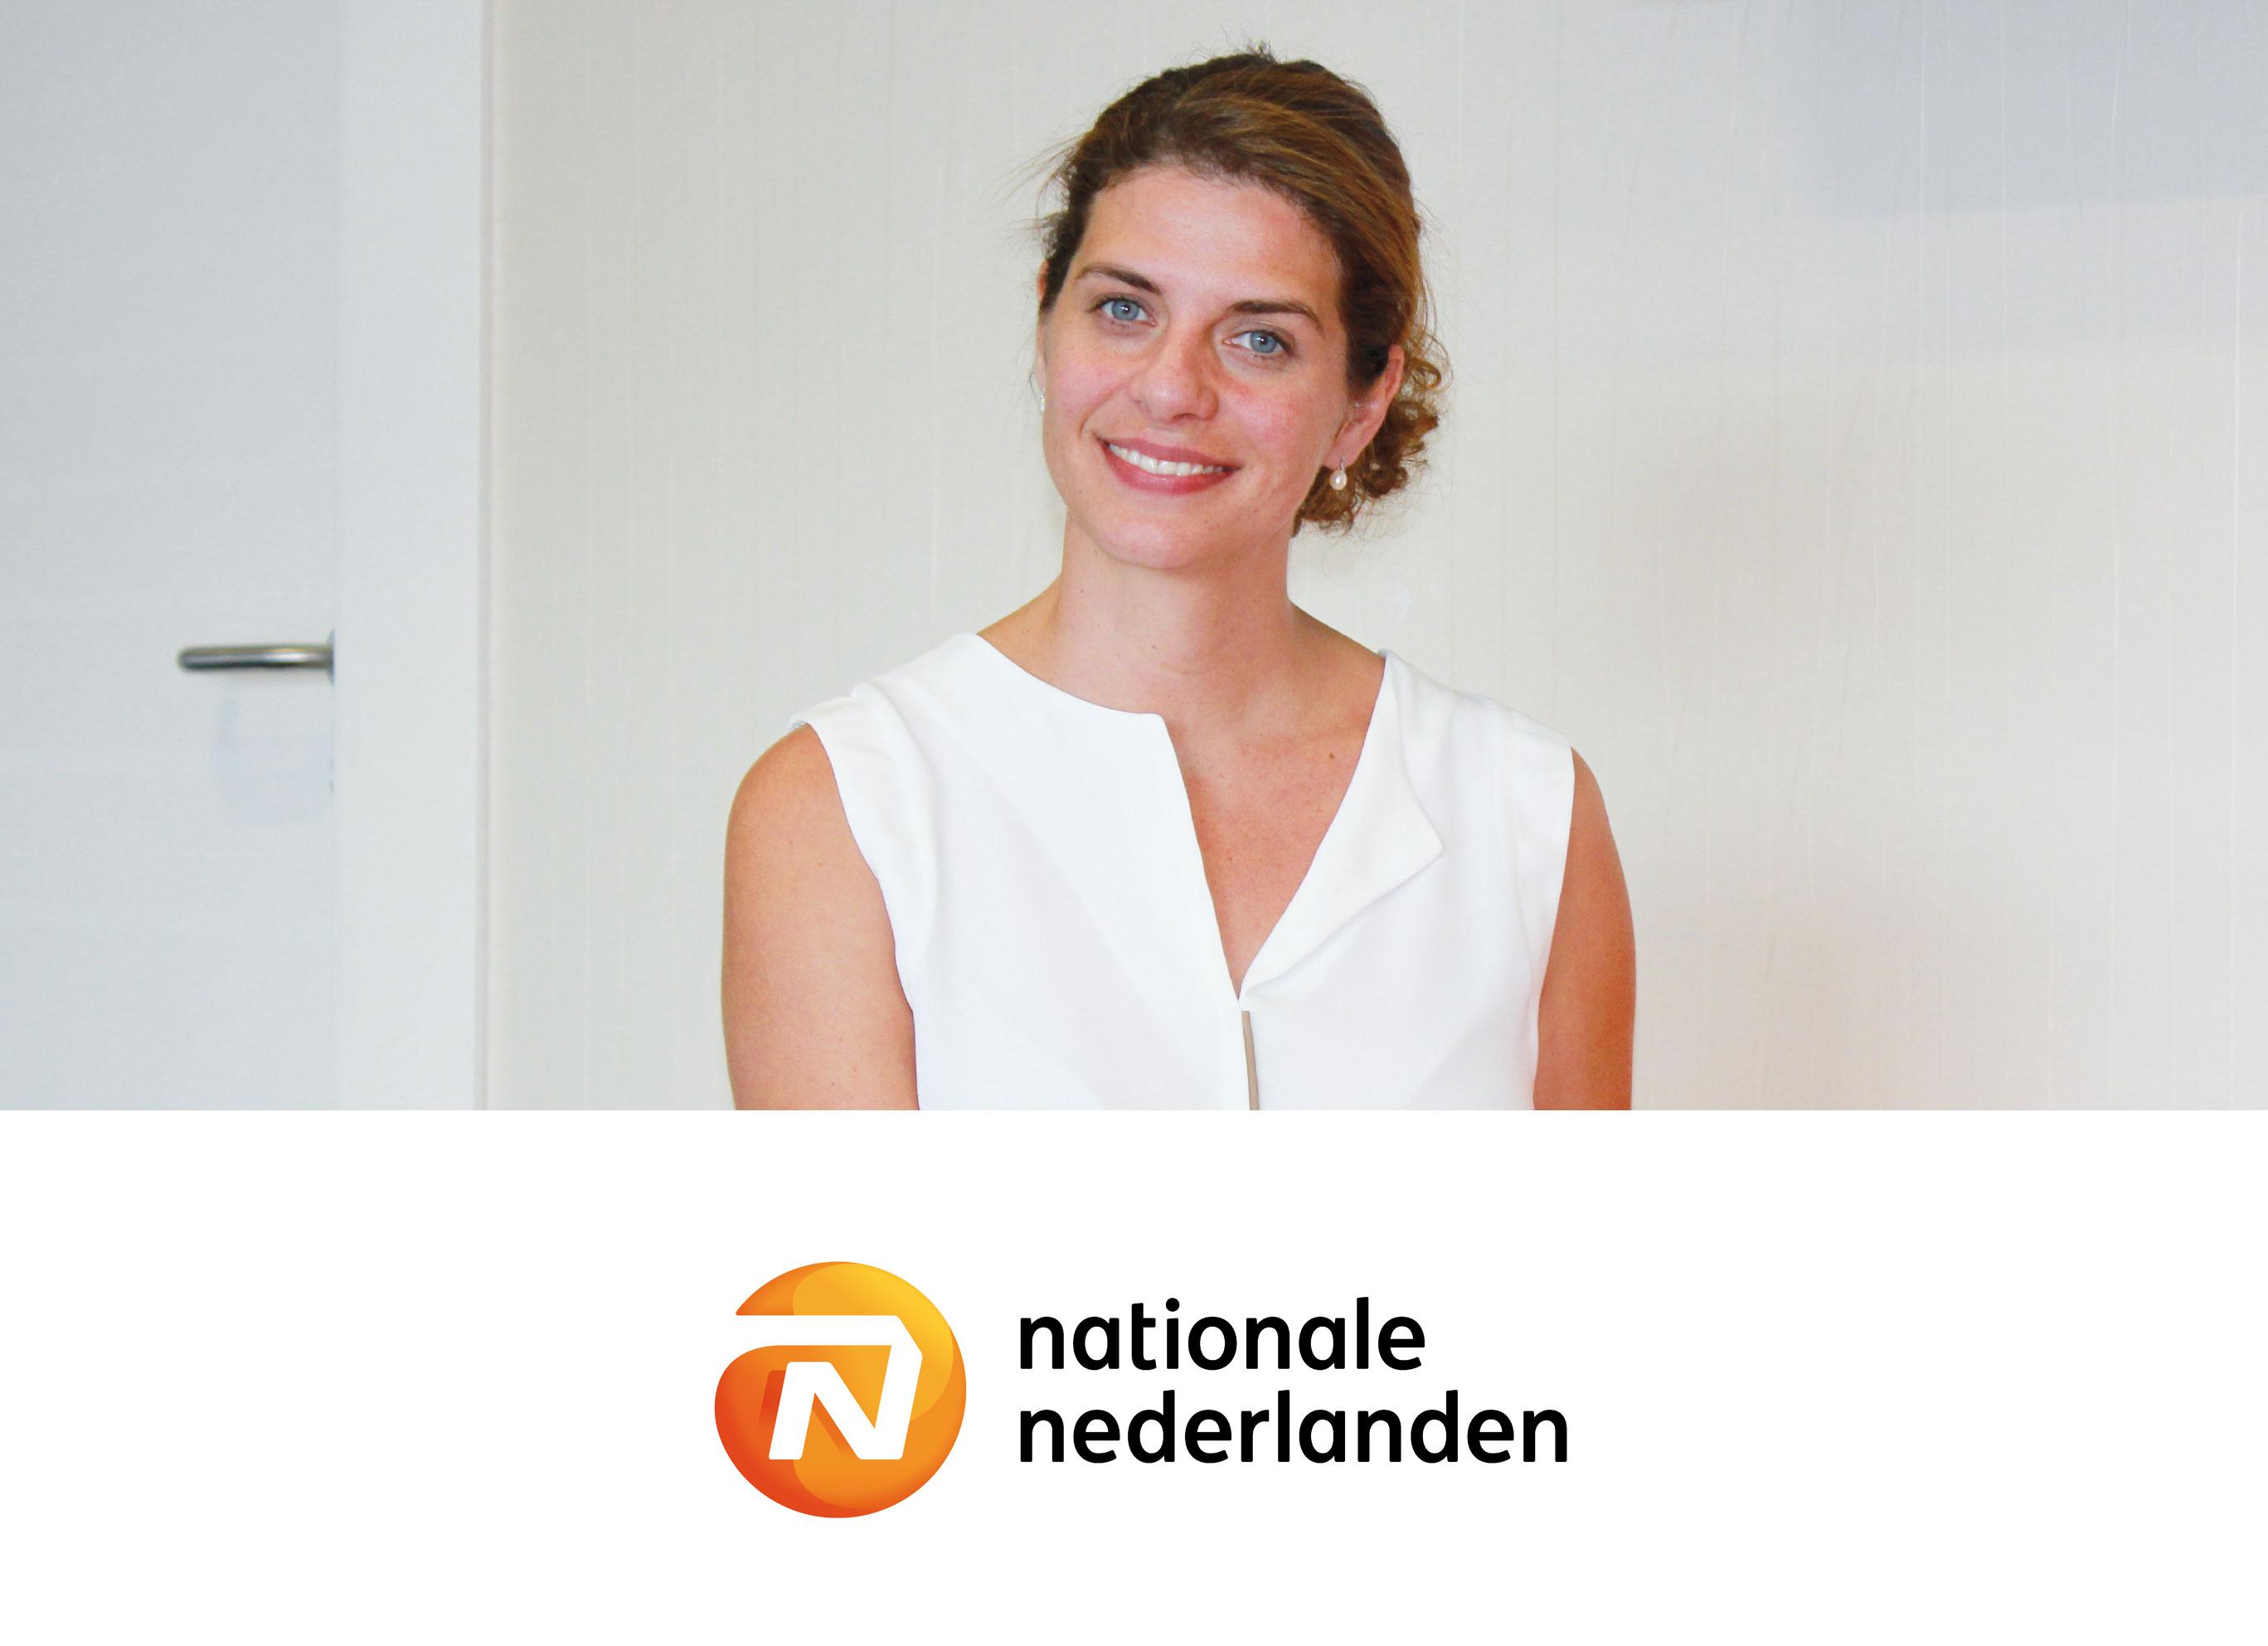 Nationale nederlanden y grupo atisa entrevista a paula for Nationale nederlanden oficinas